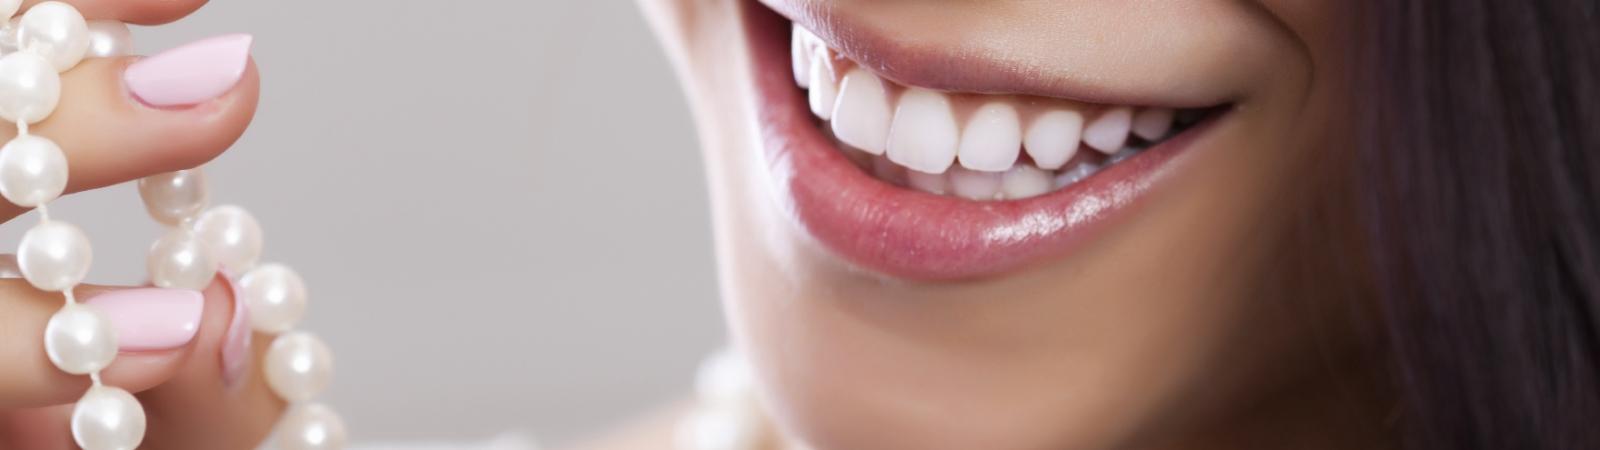 teeth whitening in drummoyne